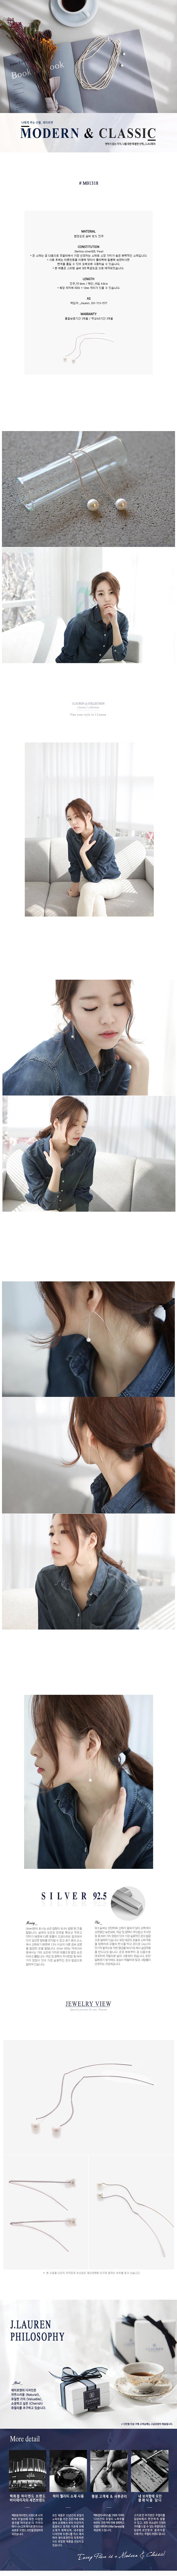 제이로렌 91M01318 관통형 롱 체인 진주 실버 귀걸이 - 바이데이지, 38,000원, 실버, 링귀걸이